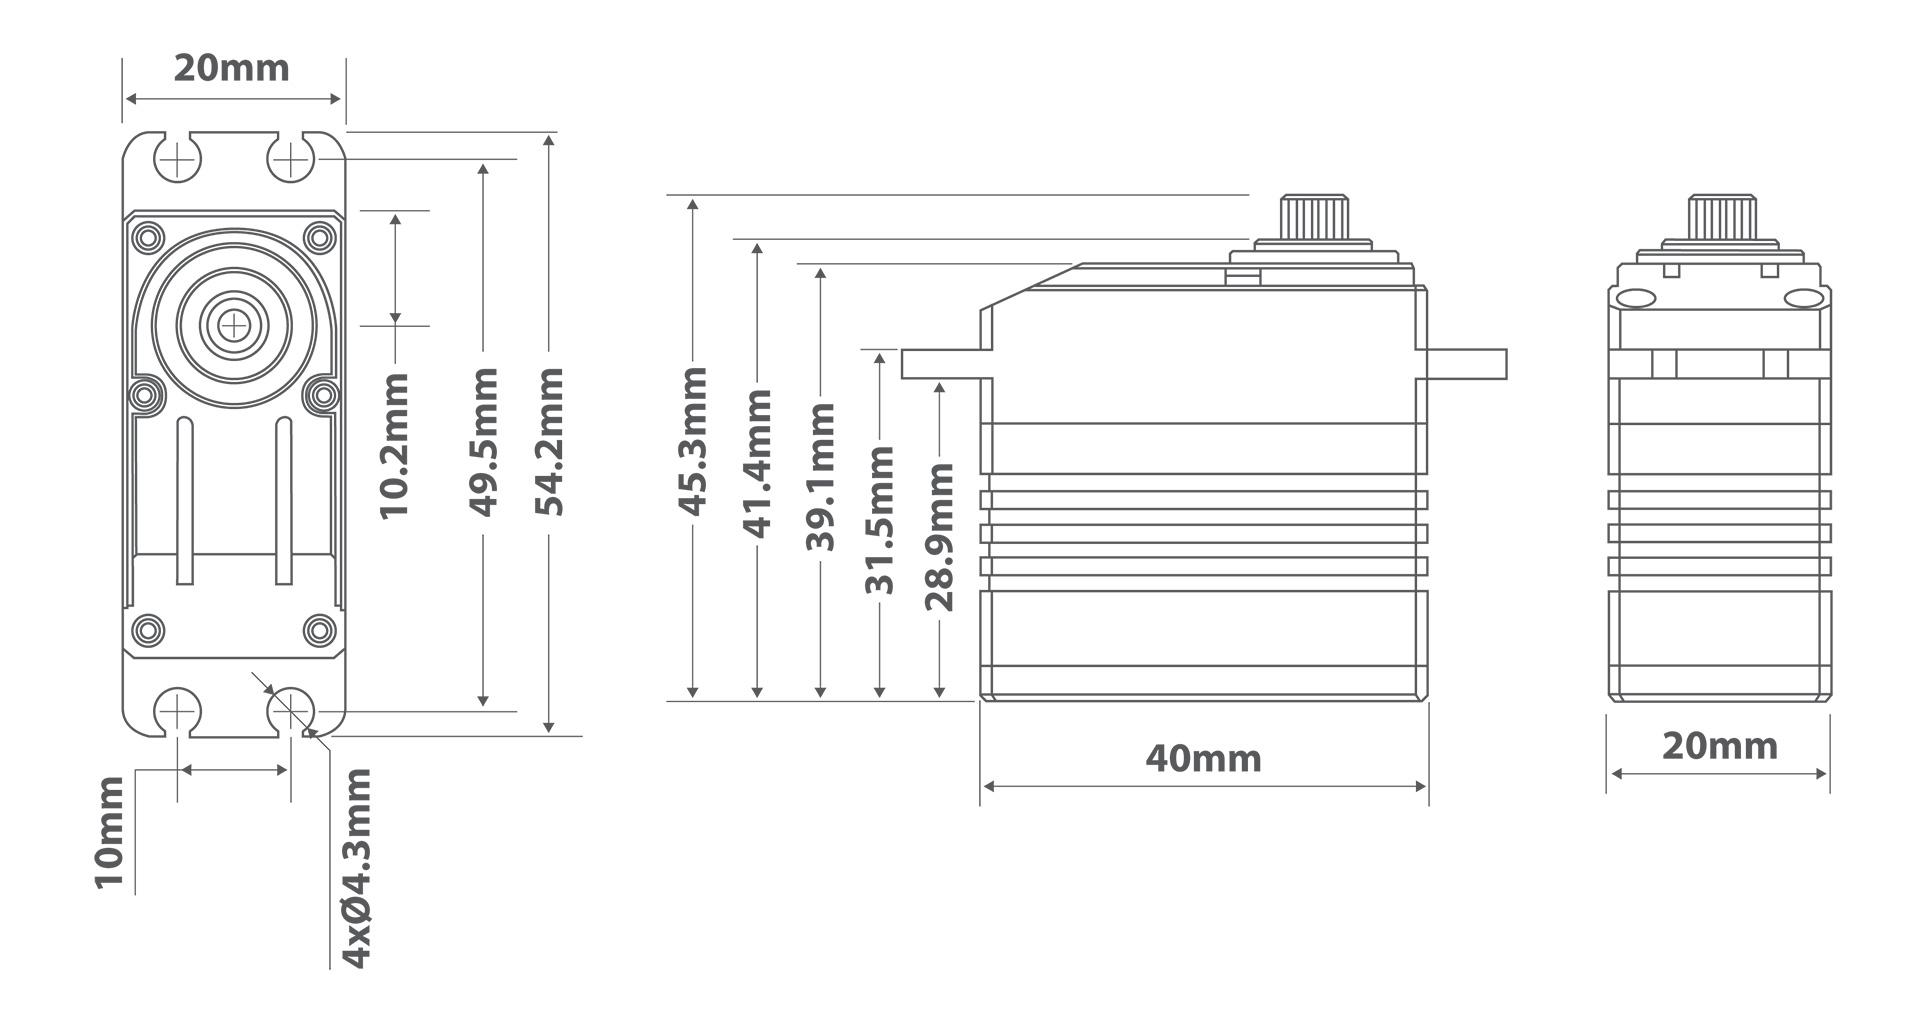 MGB8555HV Servo Drawing